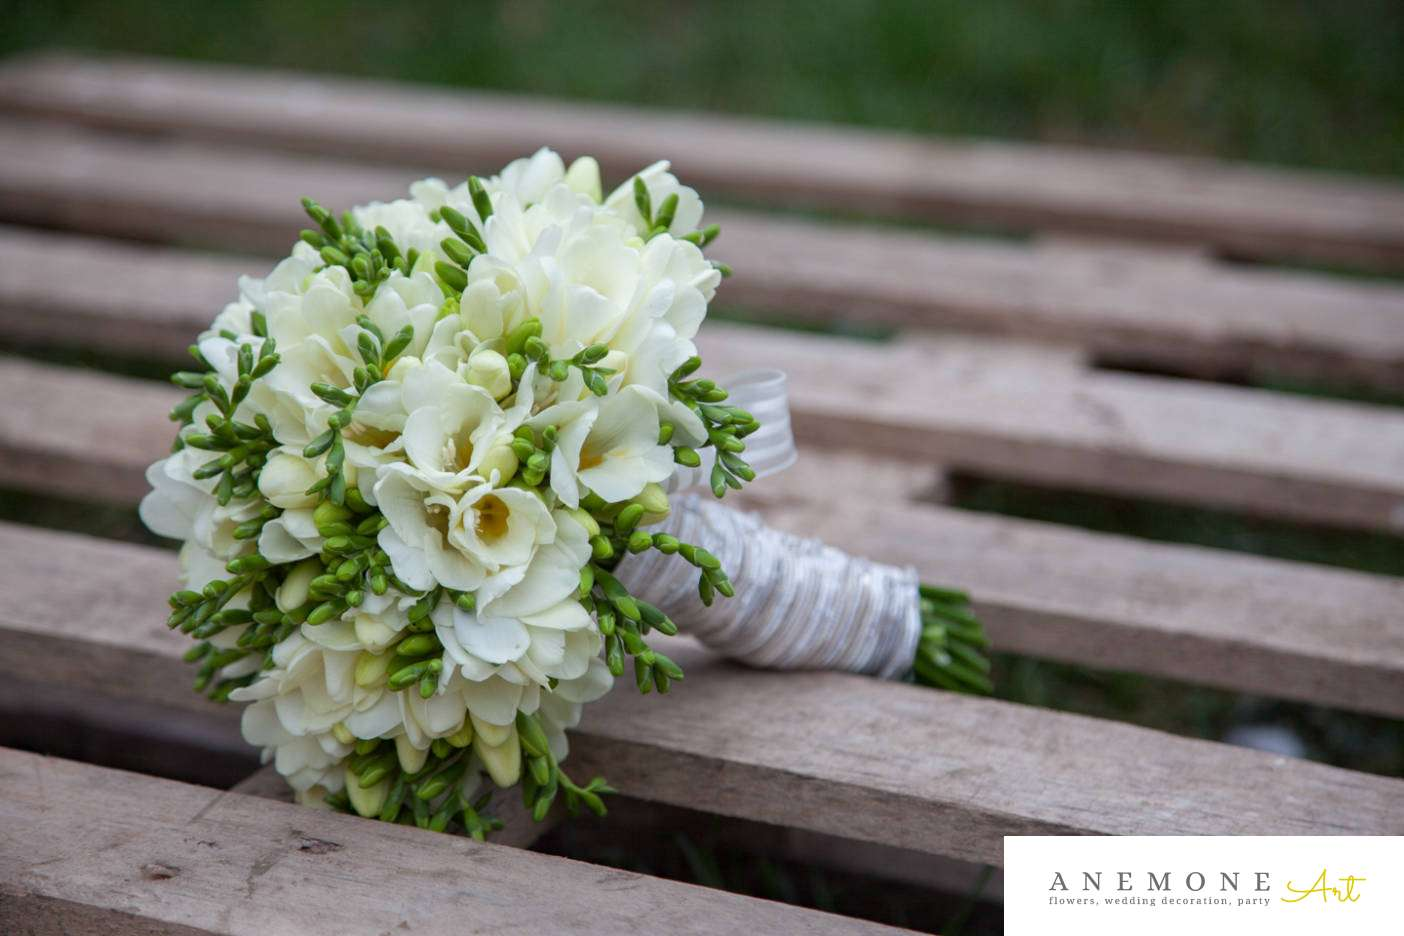 Poza, foto cu Flori de nunta alb, buchet mireasa, frezii, rotund in Arad, Timisoara, Oradea (wedding flowers, bouquets) nunta Arad, Timisoara, Oradea